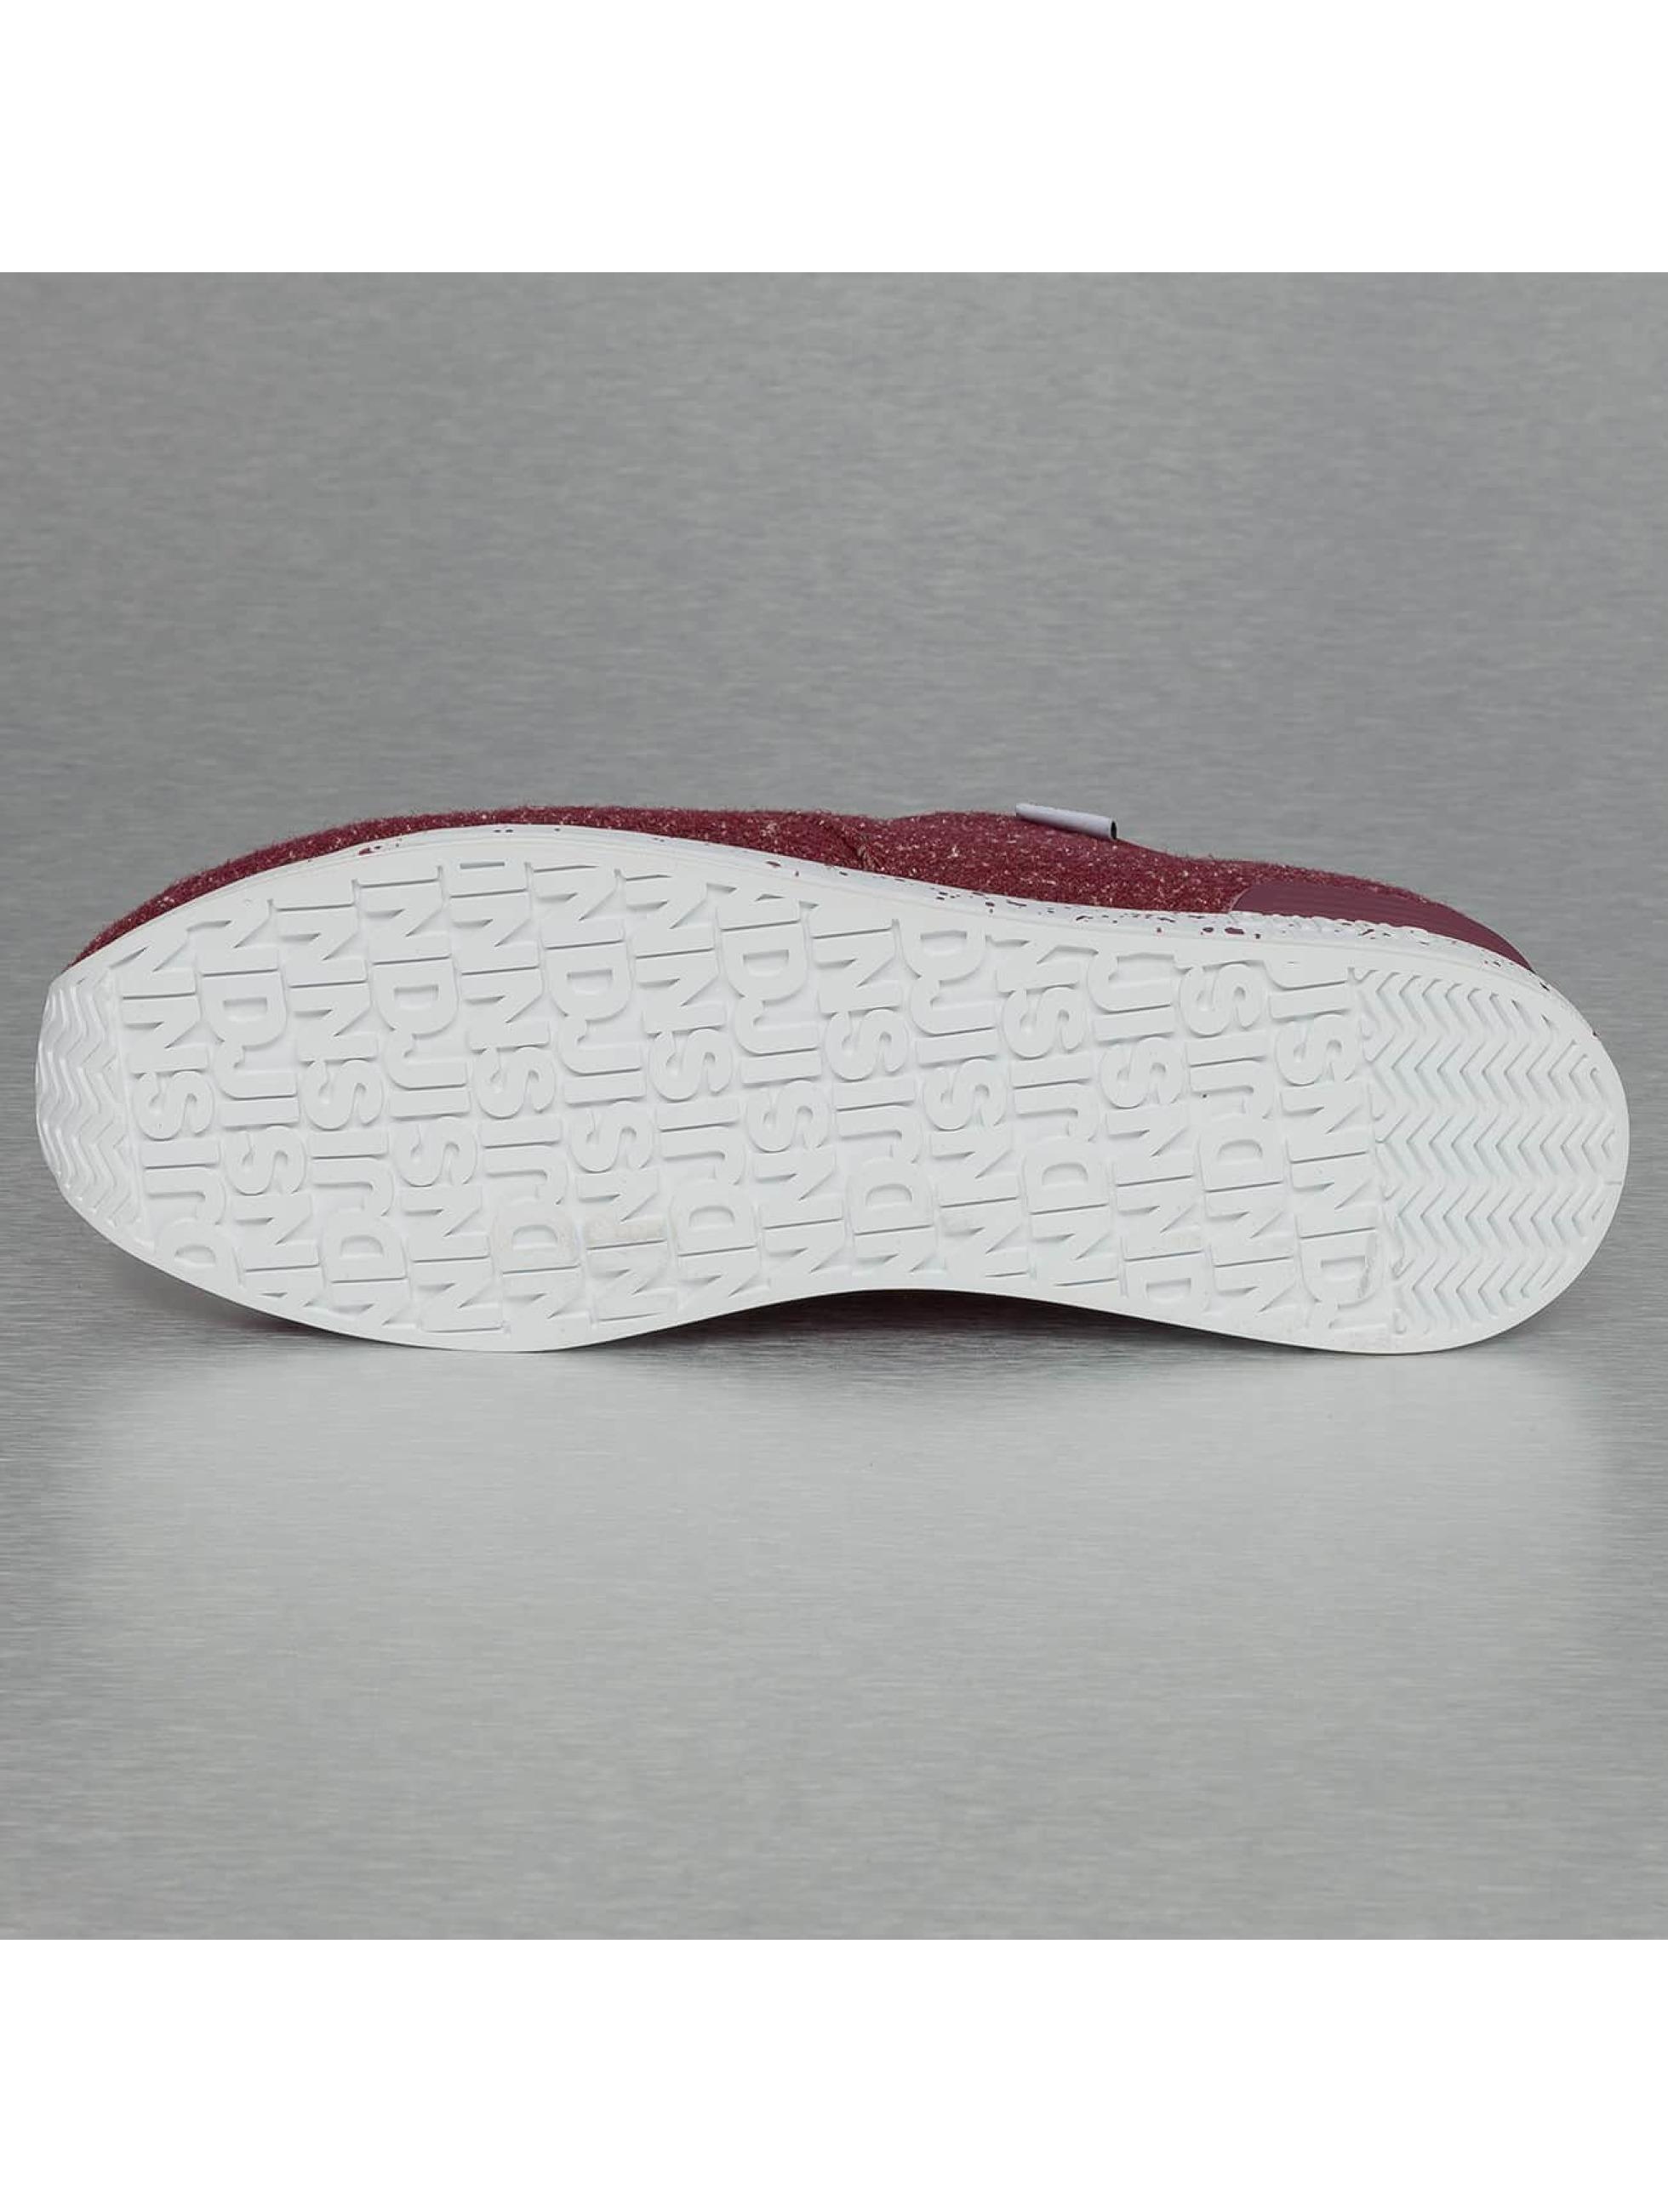 Djinns Sneakers Moc Lau Spots röd